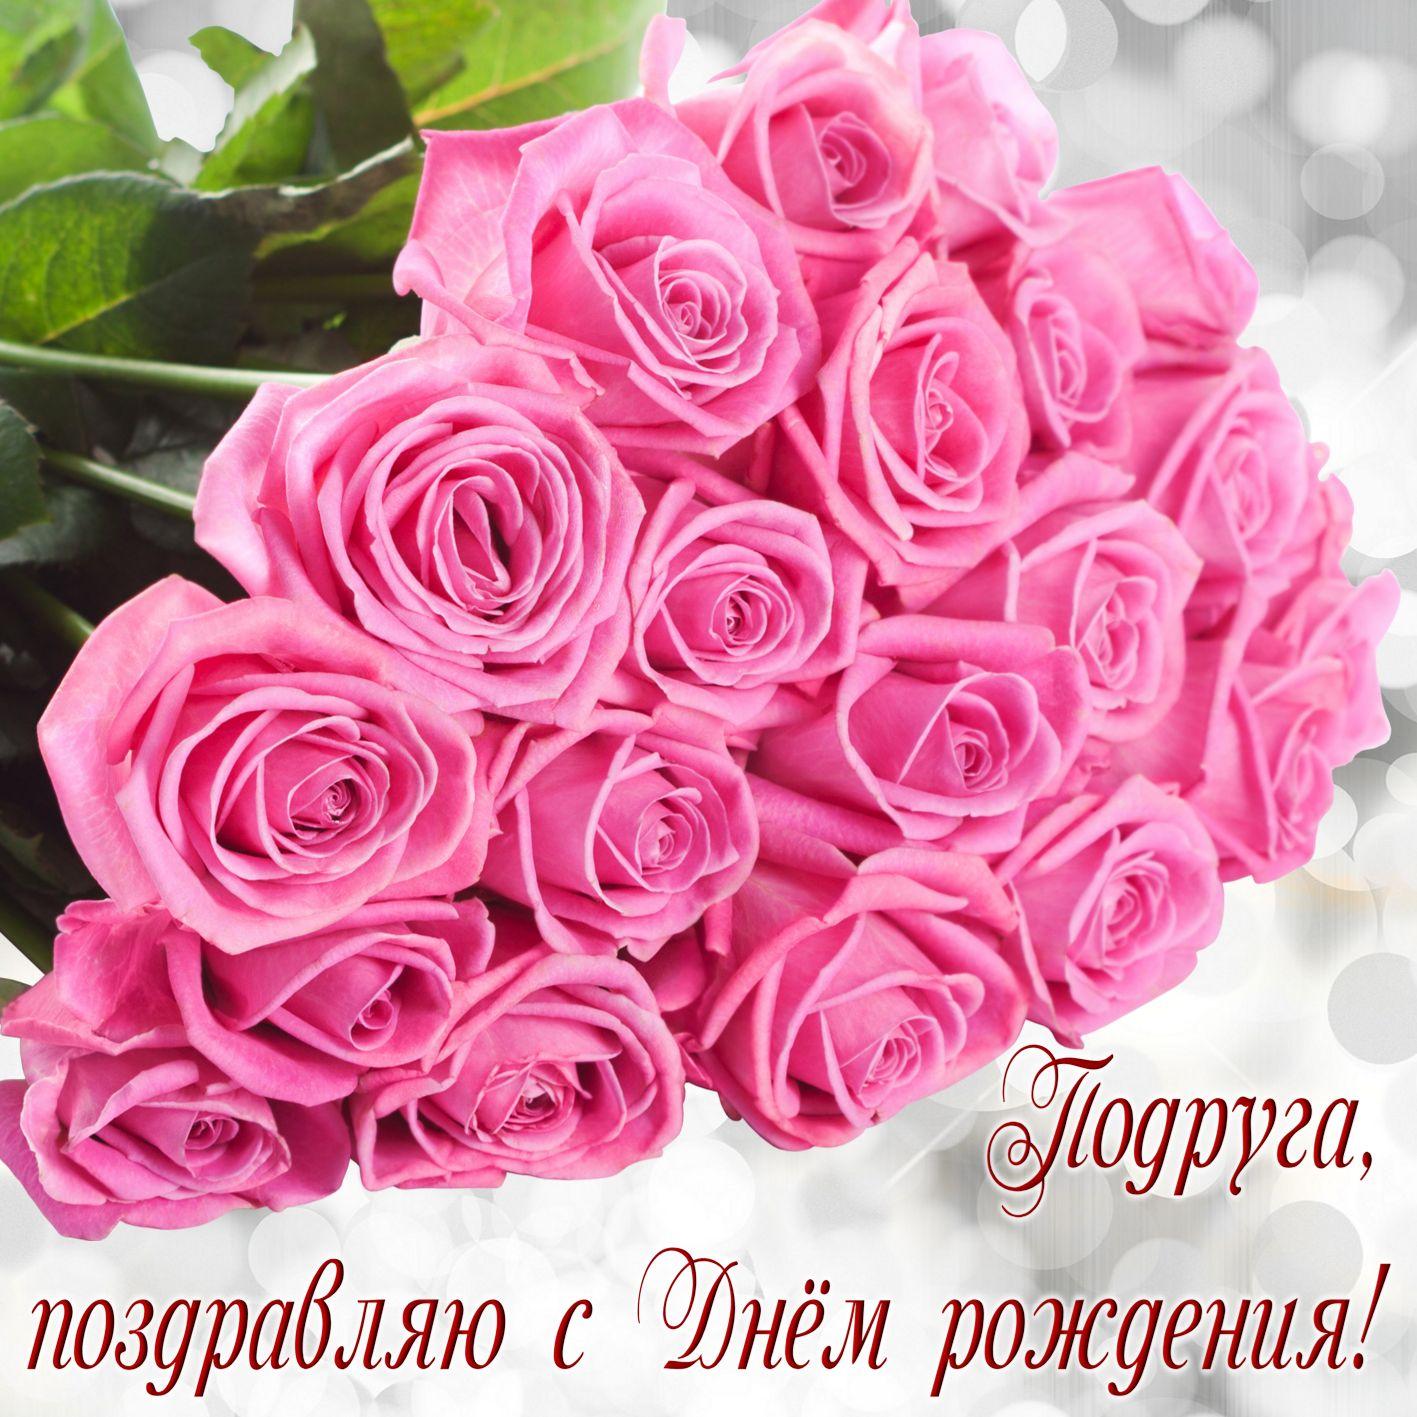 Открытка с Днём рождения подруге - огромный букет красивых розовых роз